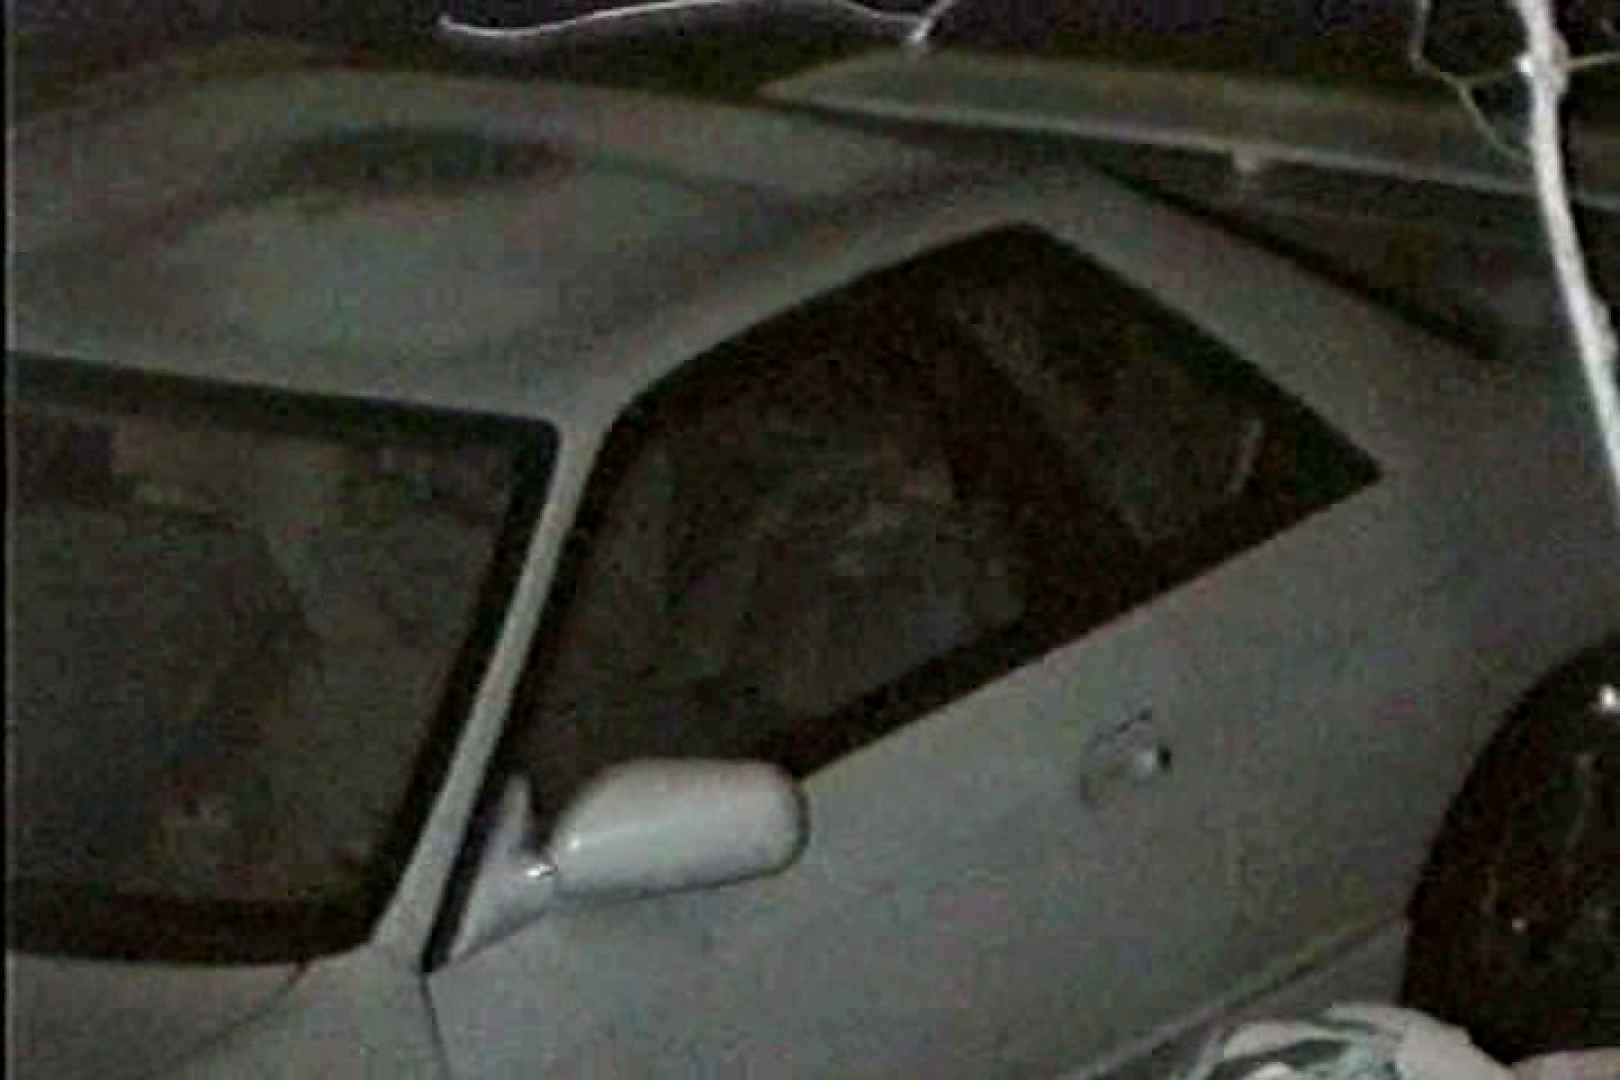 車の中はラブホテル 無修正版  Vol.8 望遠 のぞき動画画像 102PIX 45